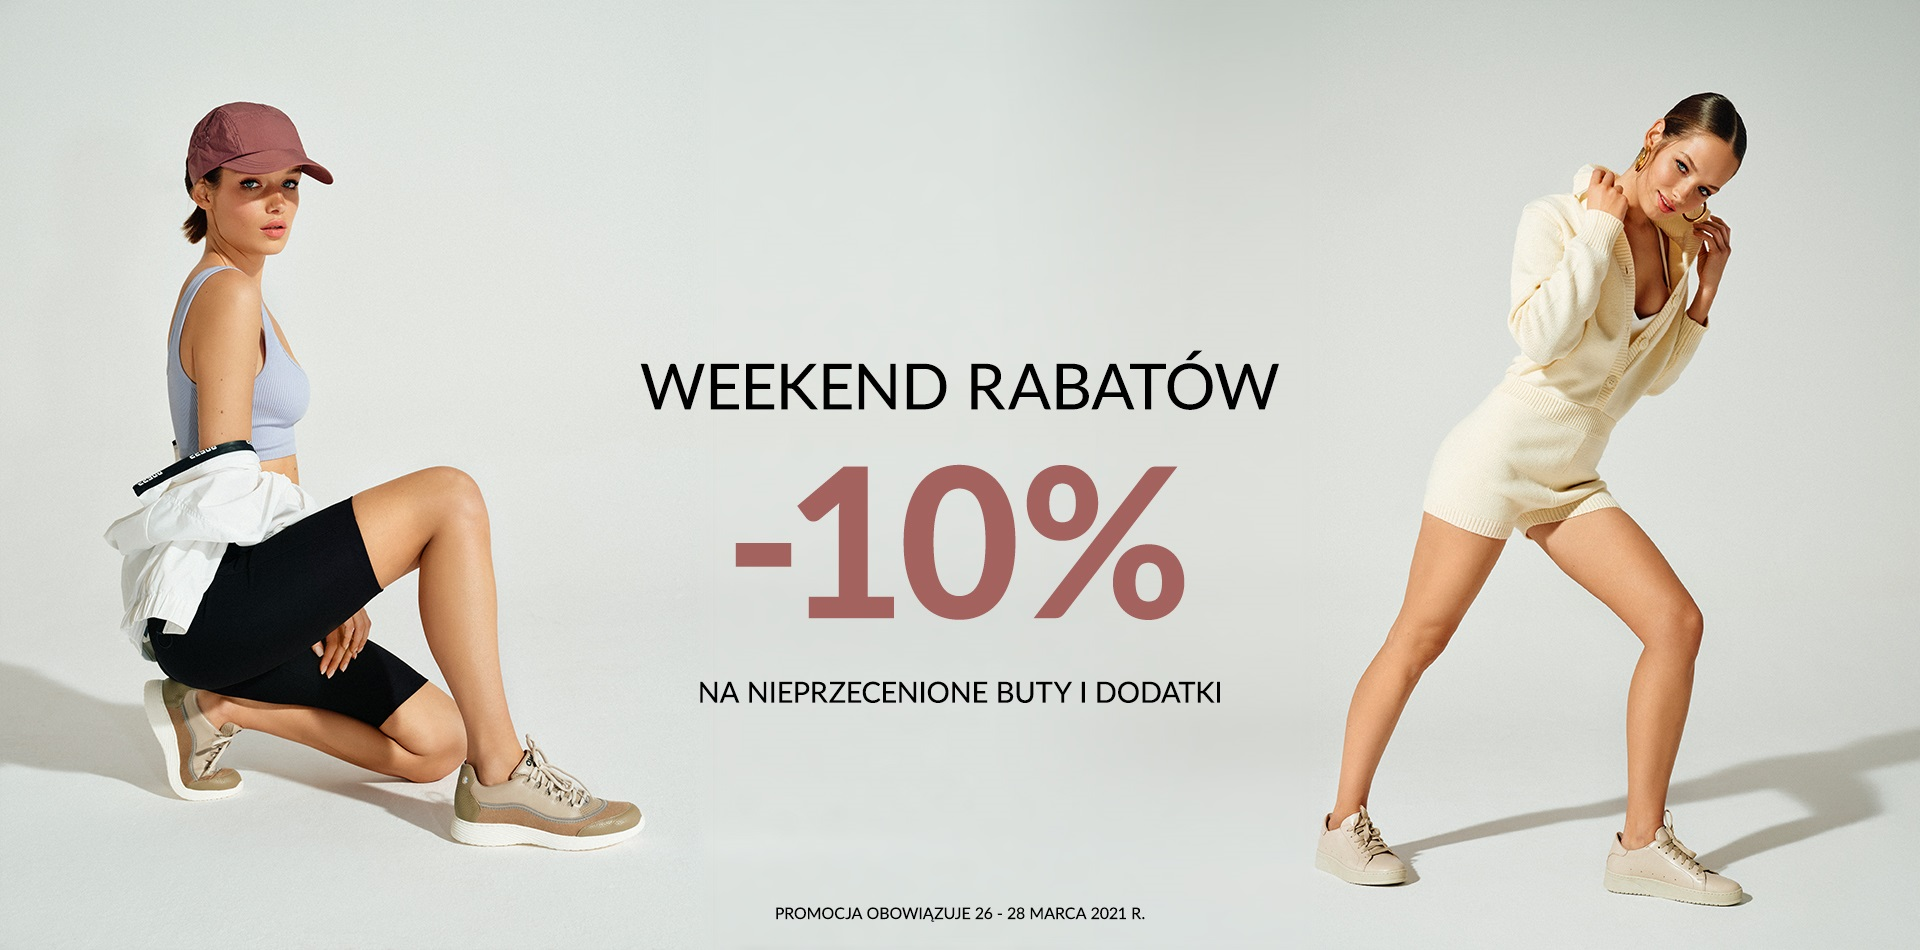 Ryłko Ryłko: Weekend Rabatów 10% zniżki na nieprzecenione buty i dodatki